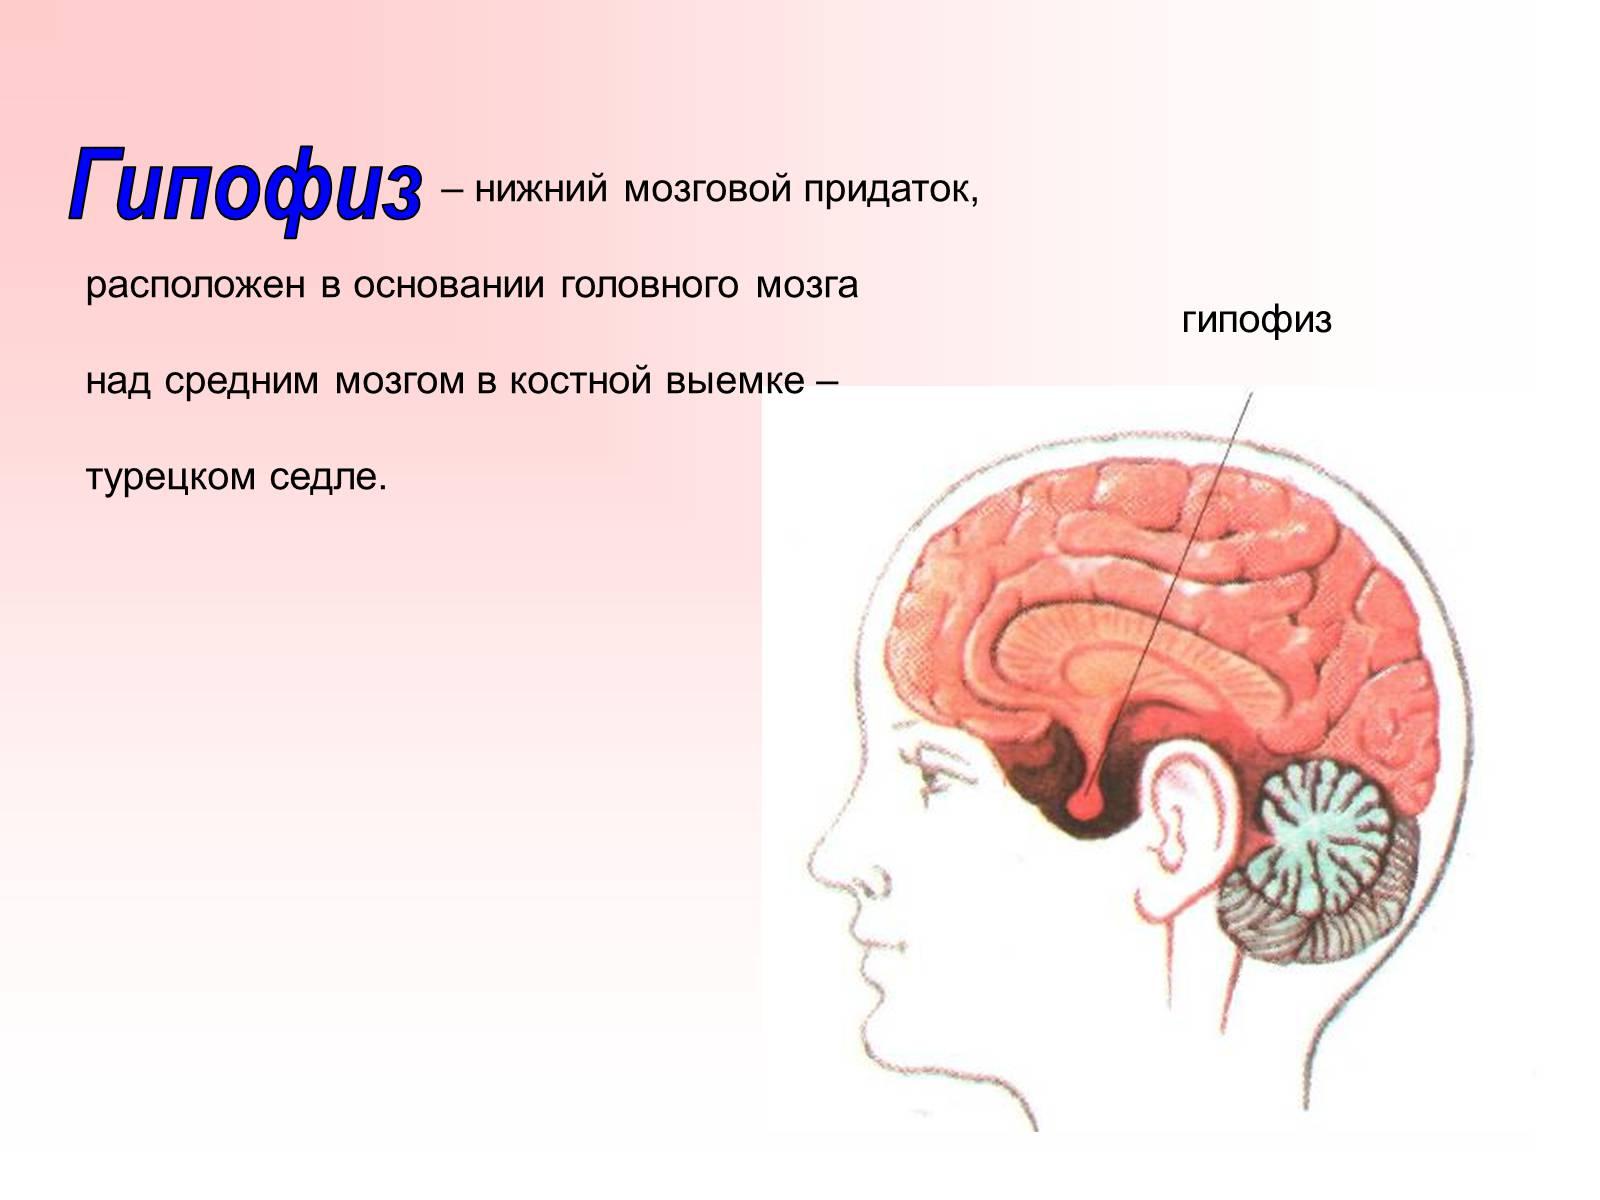 бетон какие гормоны вырабатывает головной мозг можете